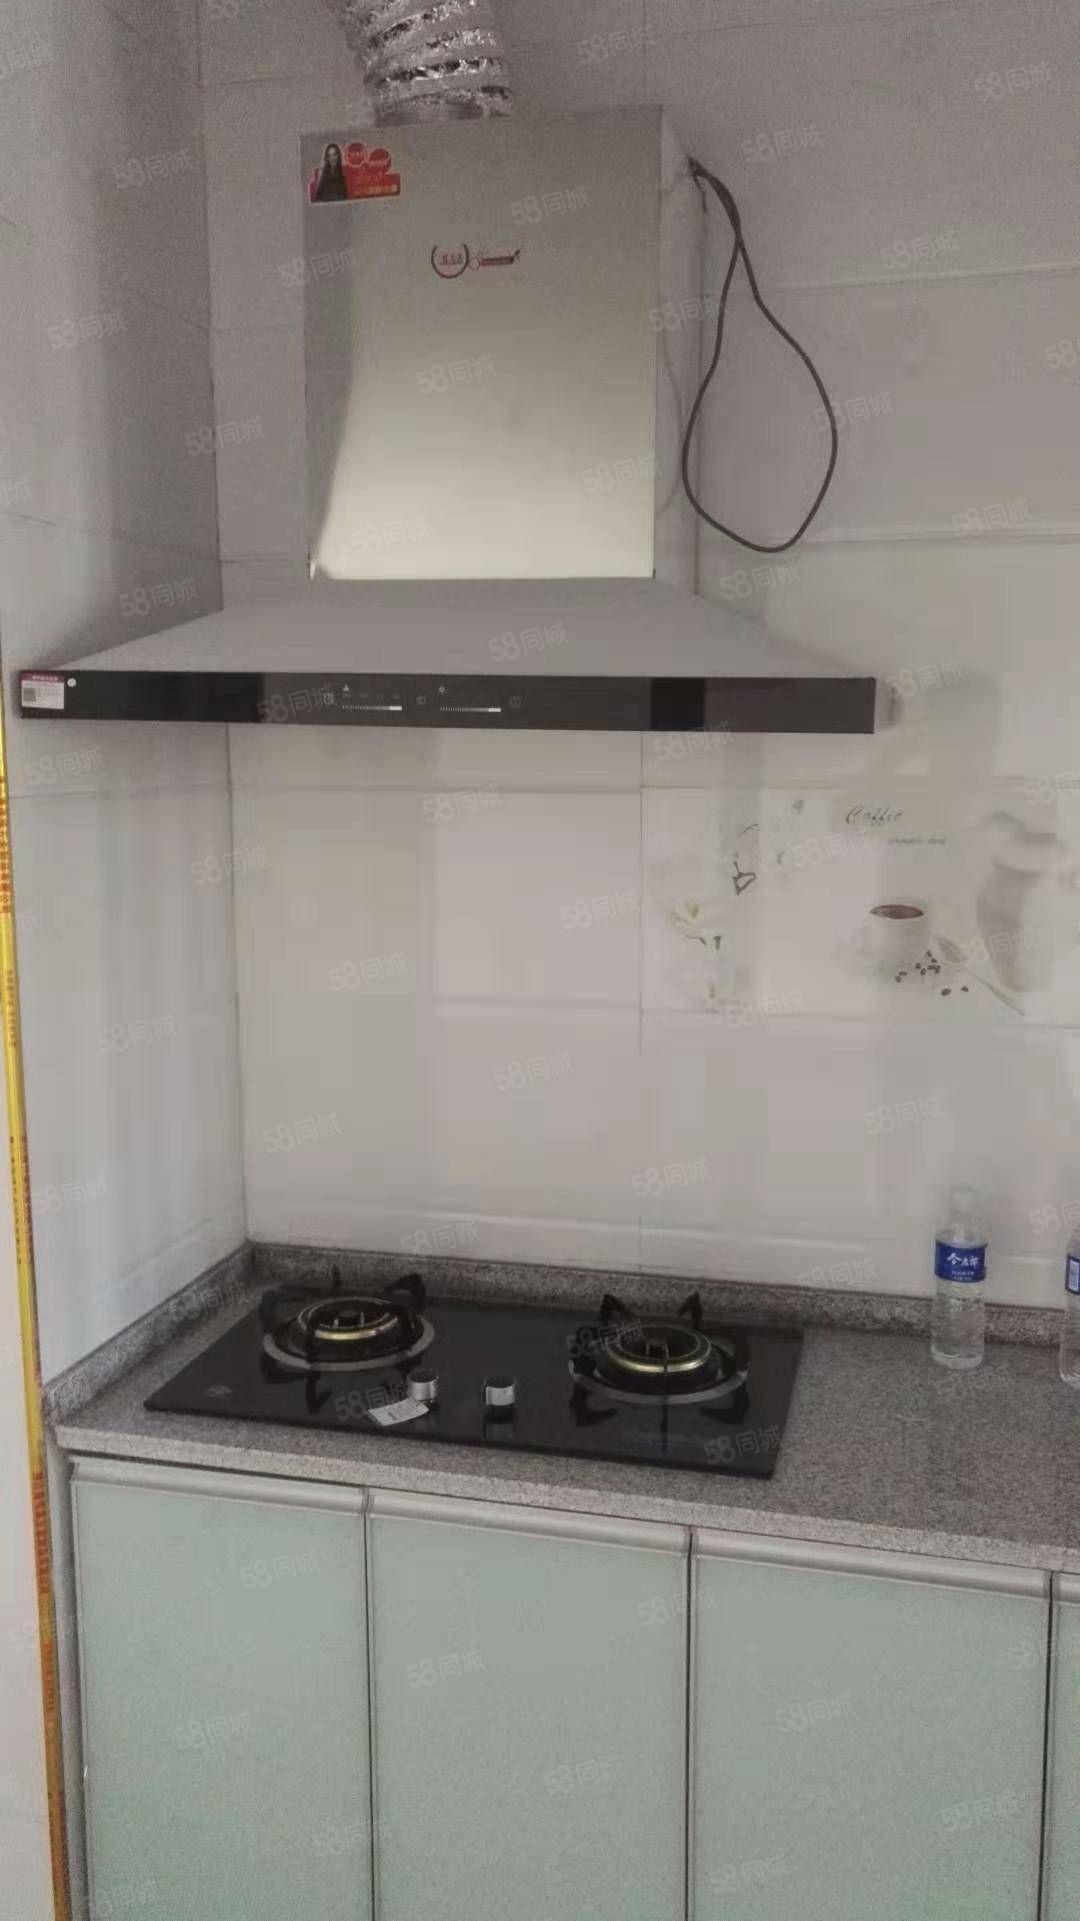 出租凱旋城16層3室新裝廚衛齊全,需要配家電家具面議有鑰匙